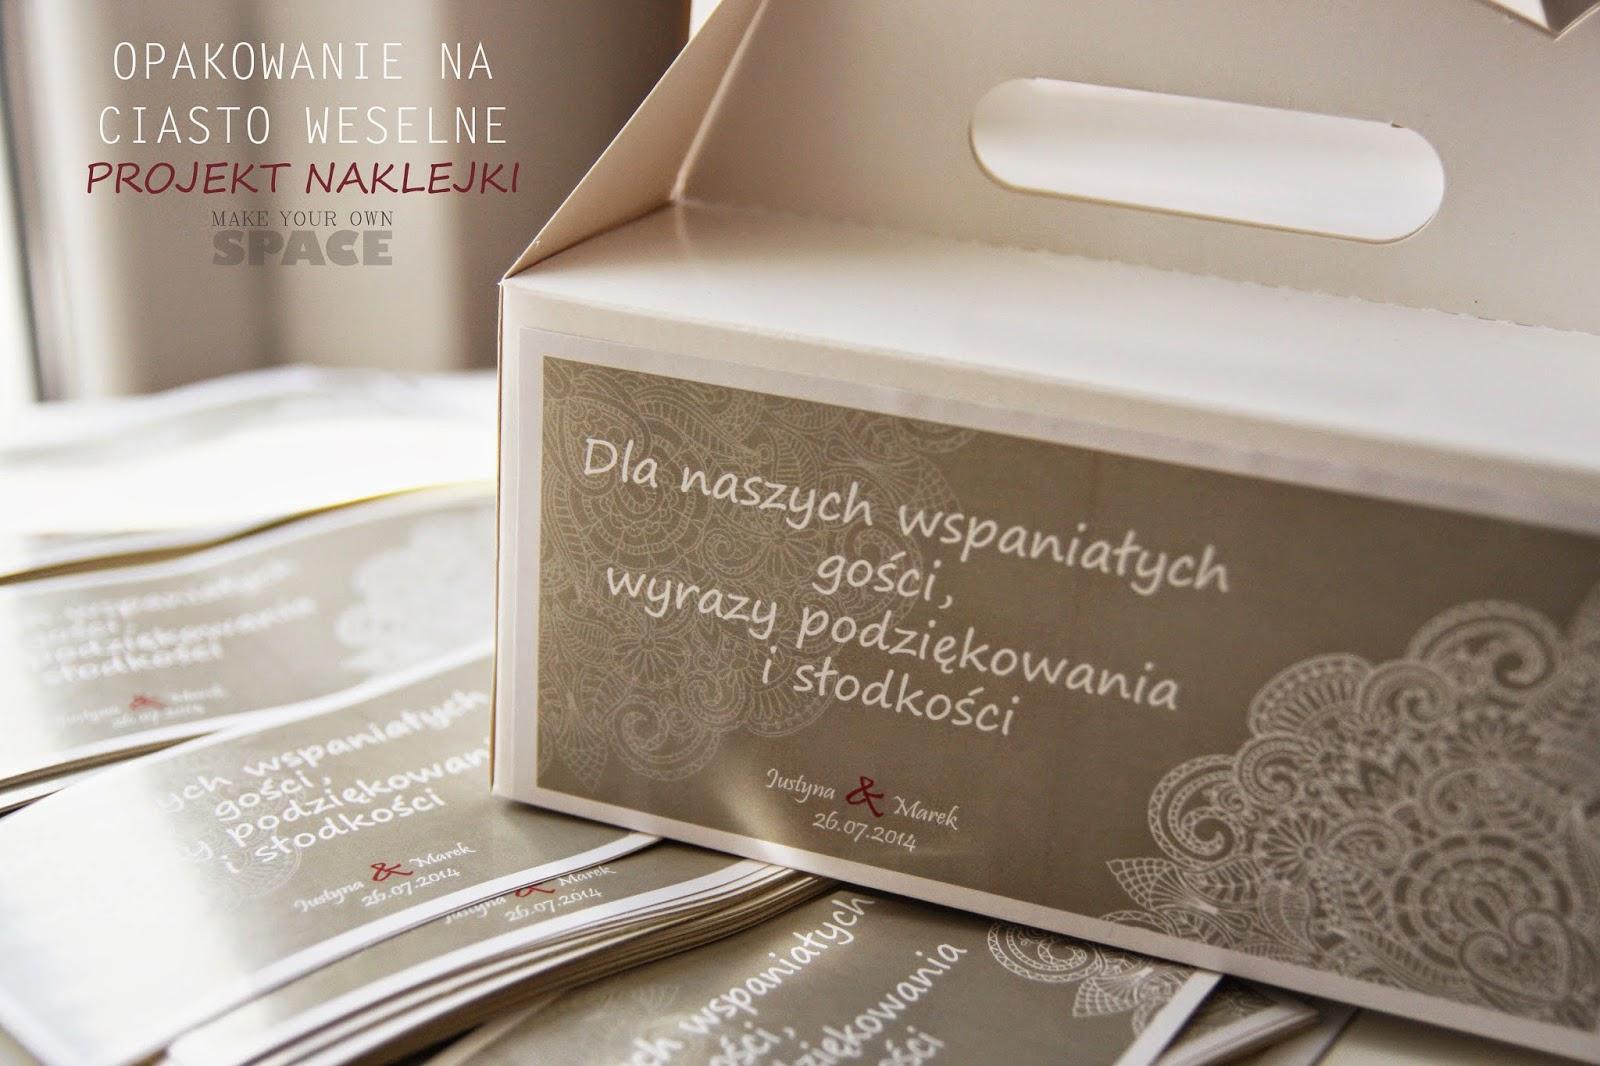 ciasto weselne, ślub, wesele, grafika weselna, podziękowanie dla gości weselnych, diy ślub, DIY ,zrób to sam